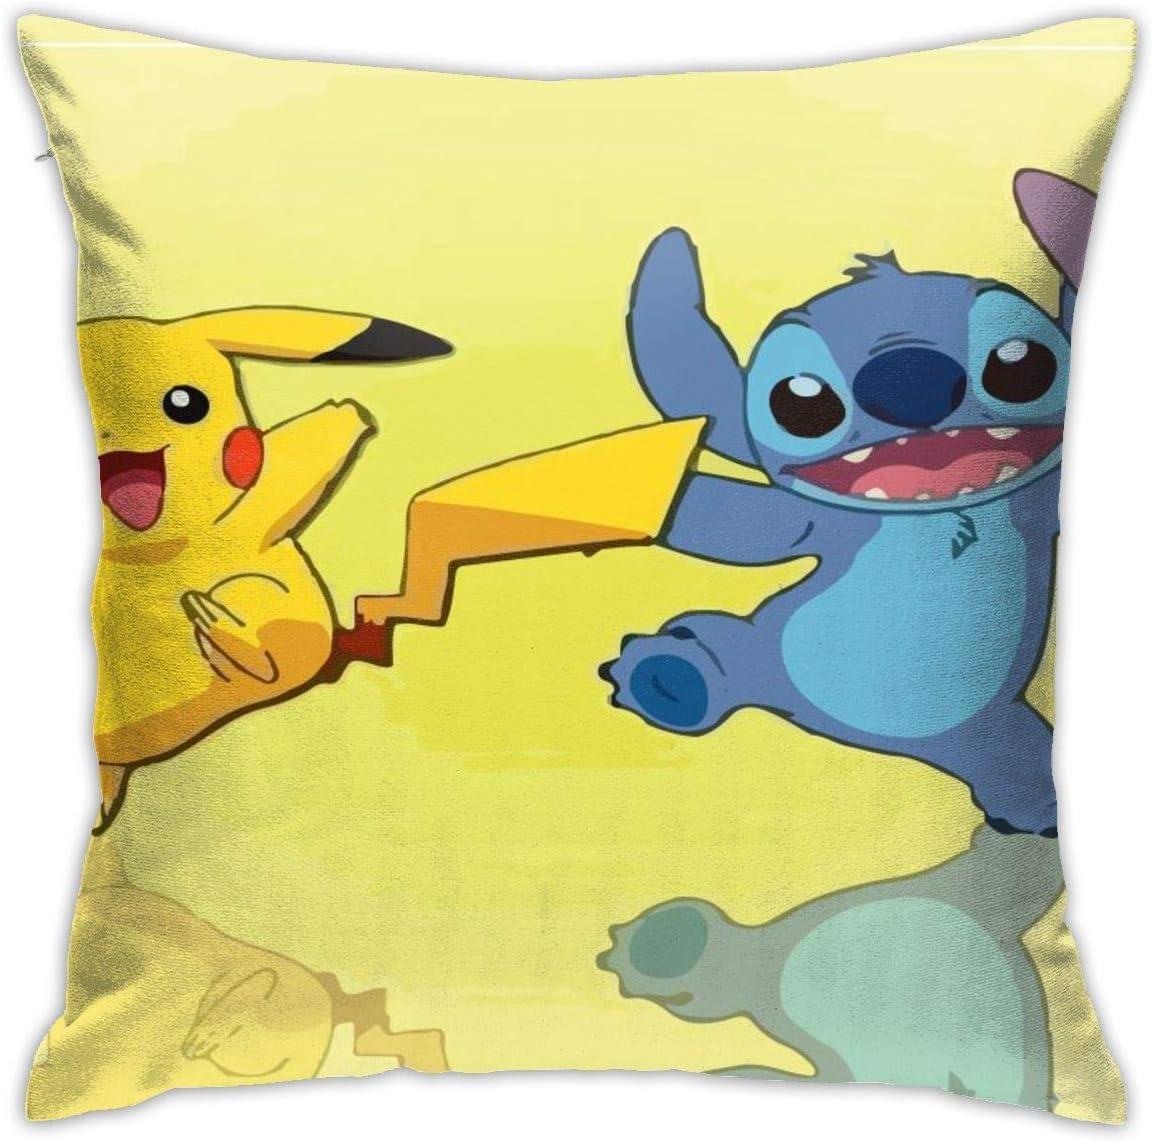 Boweike Pikachu Stitch Happy Throw Fundas de almohada 40 x 45 cm Forma cuadrada Funda de cojín decorativa para sofá